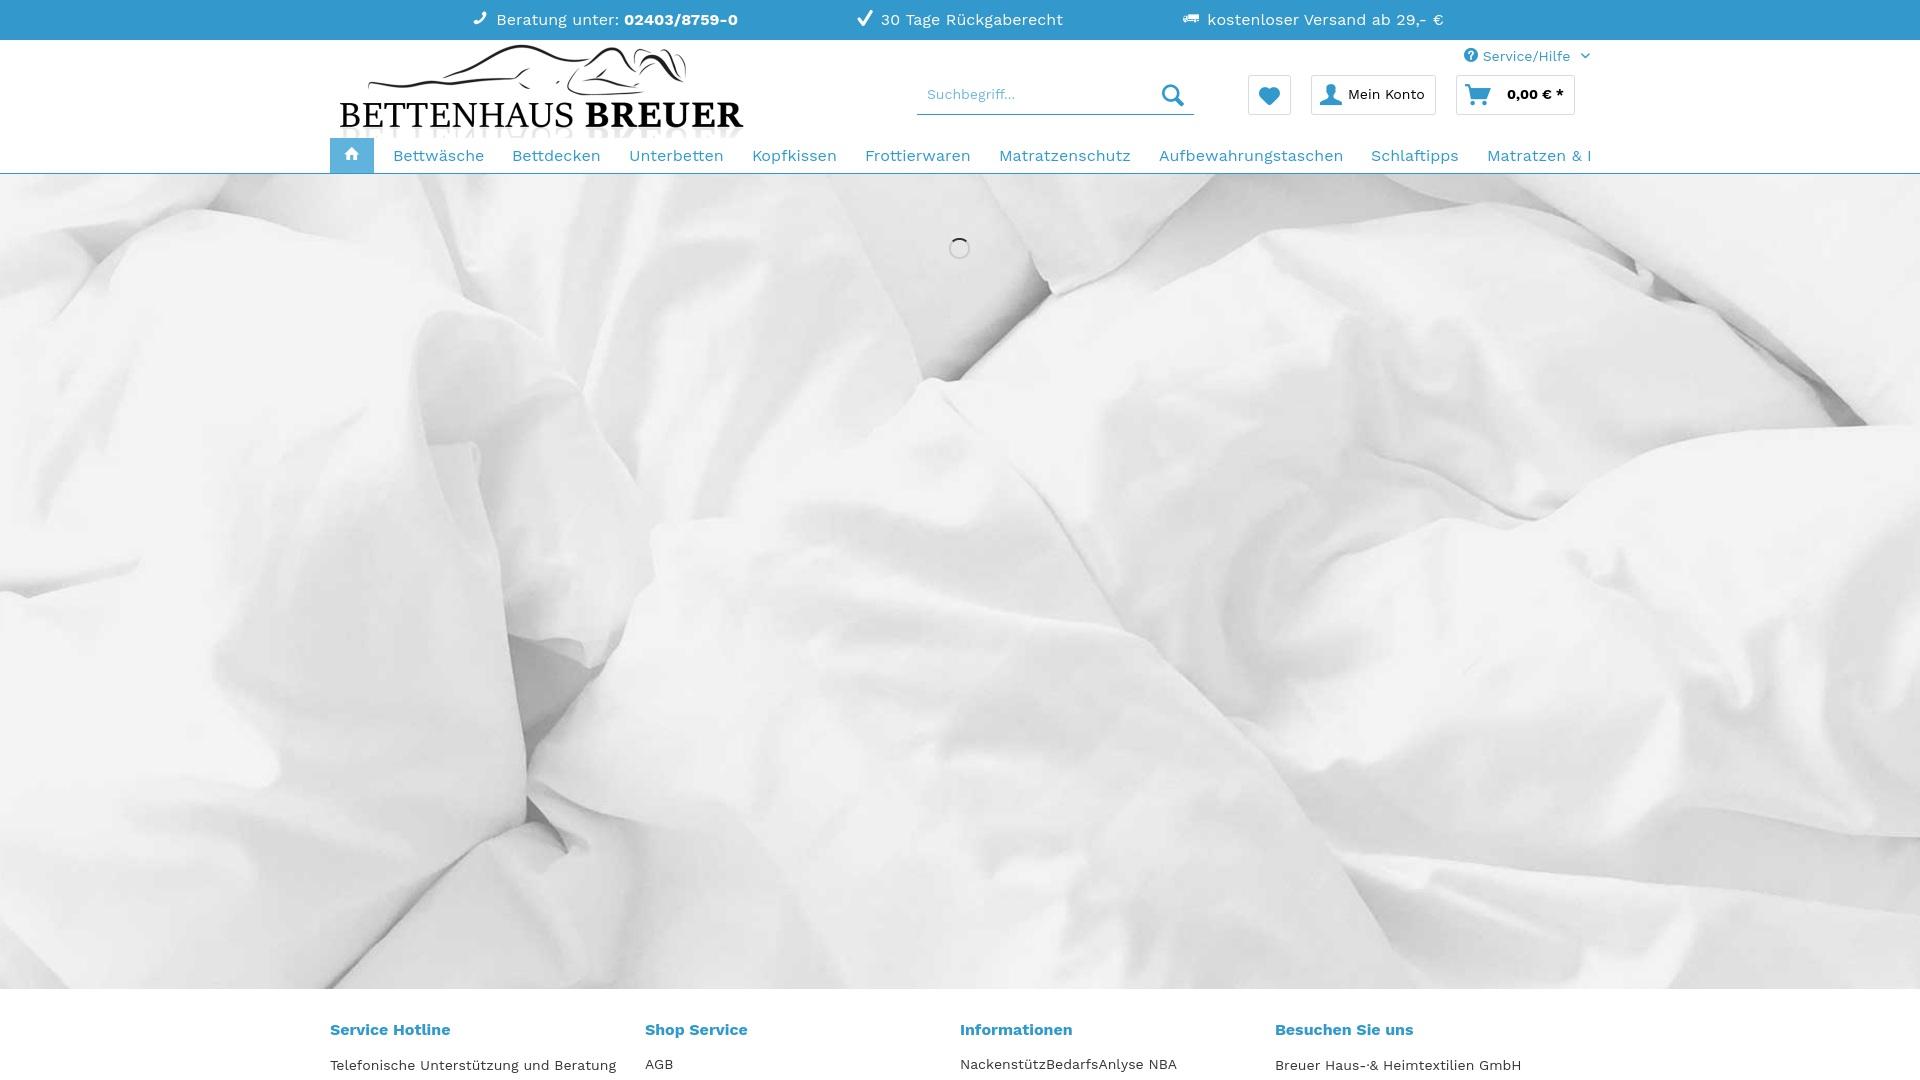 Gutschein für Bettenhaus-breuer: Rabatte für  Bettenhaus-breuer sichern